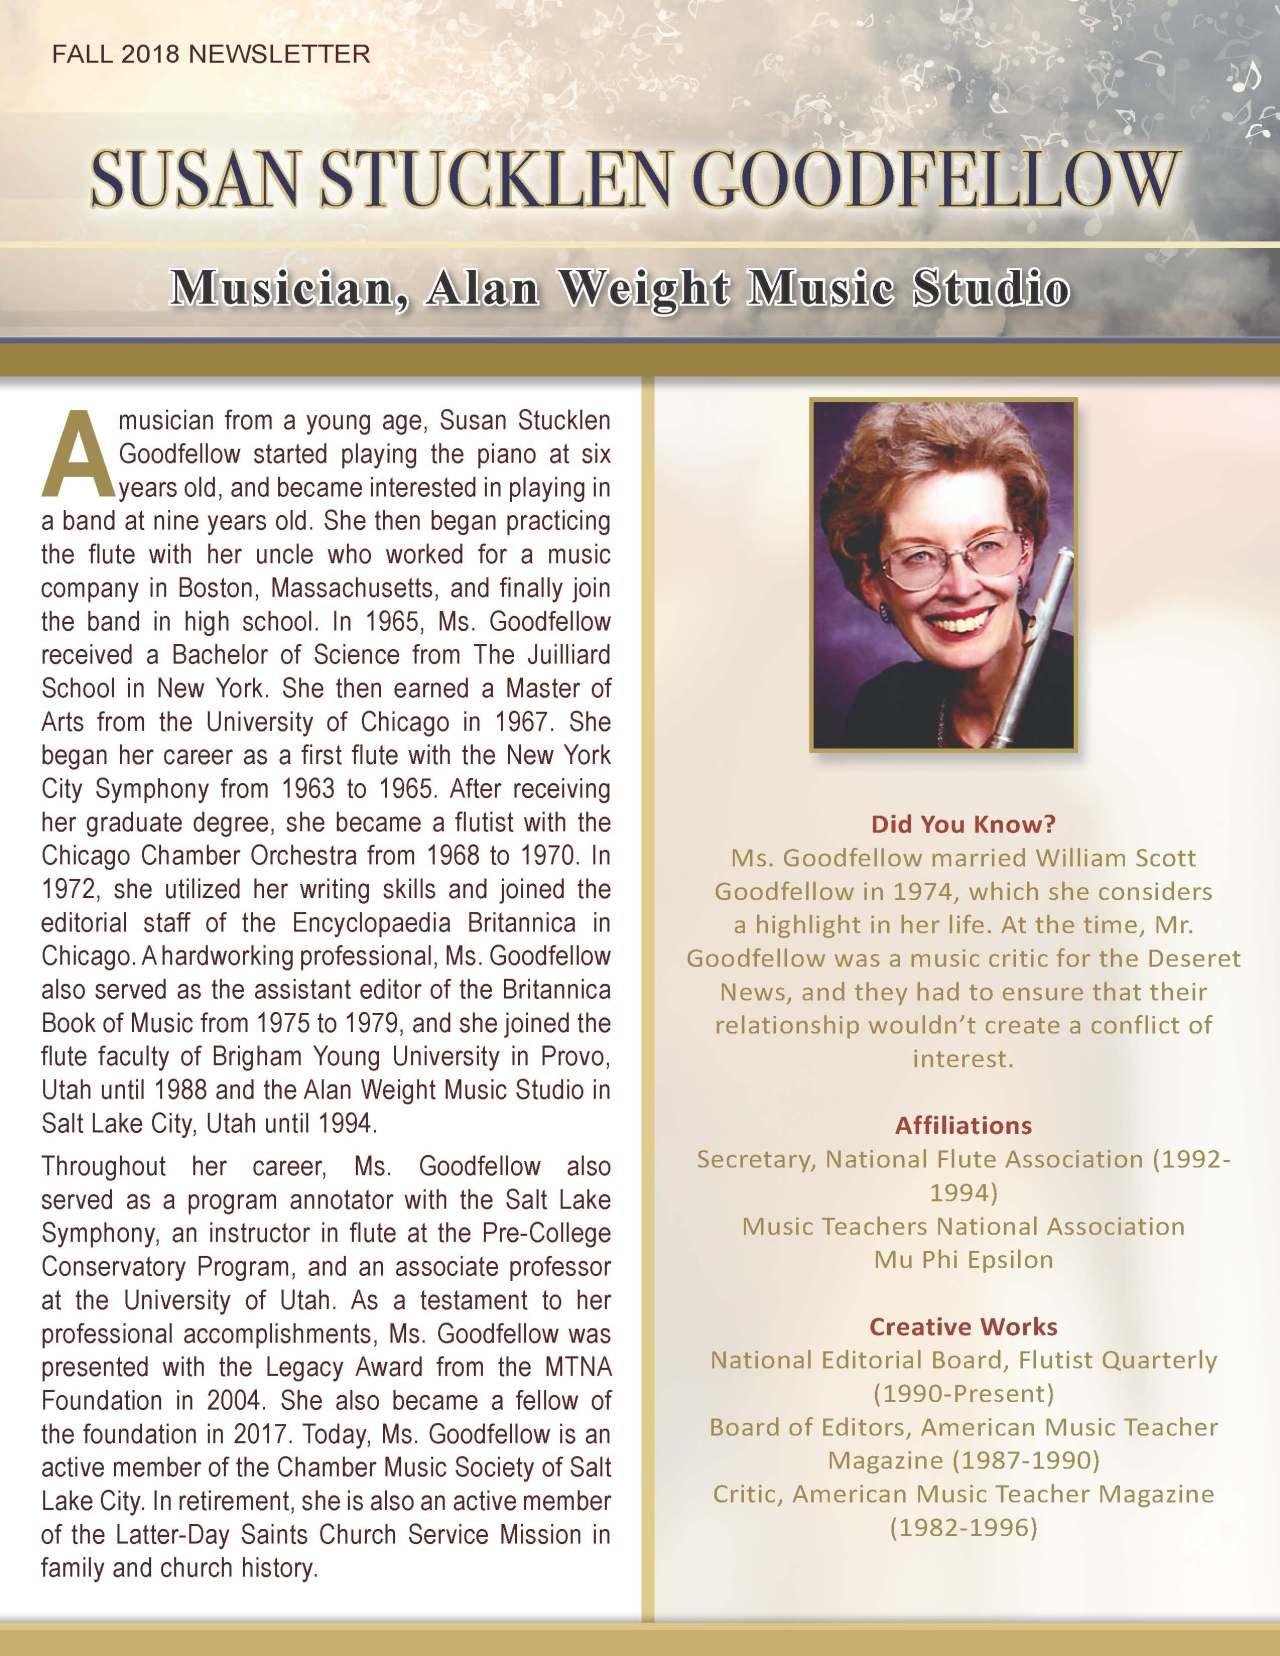 Goodfellow, Susan 4116985_15419956 Newsletter.jpg